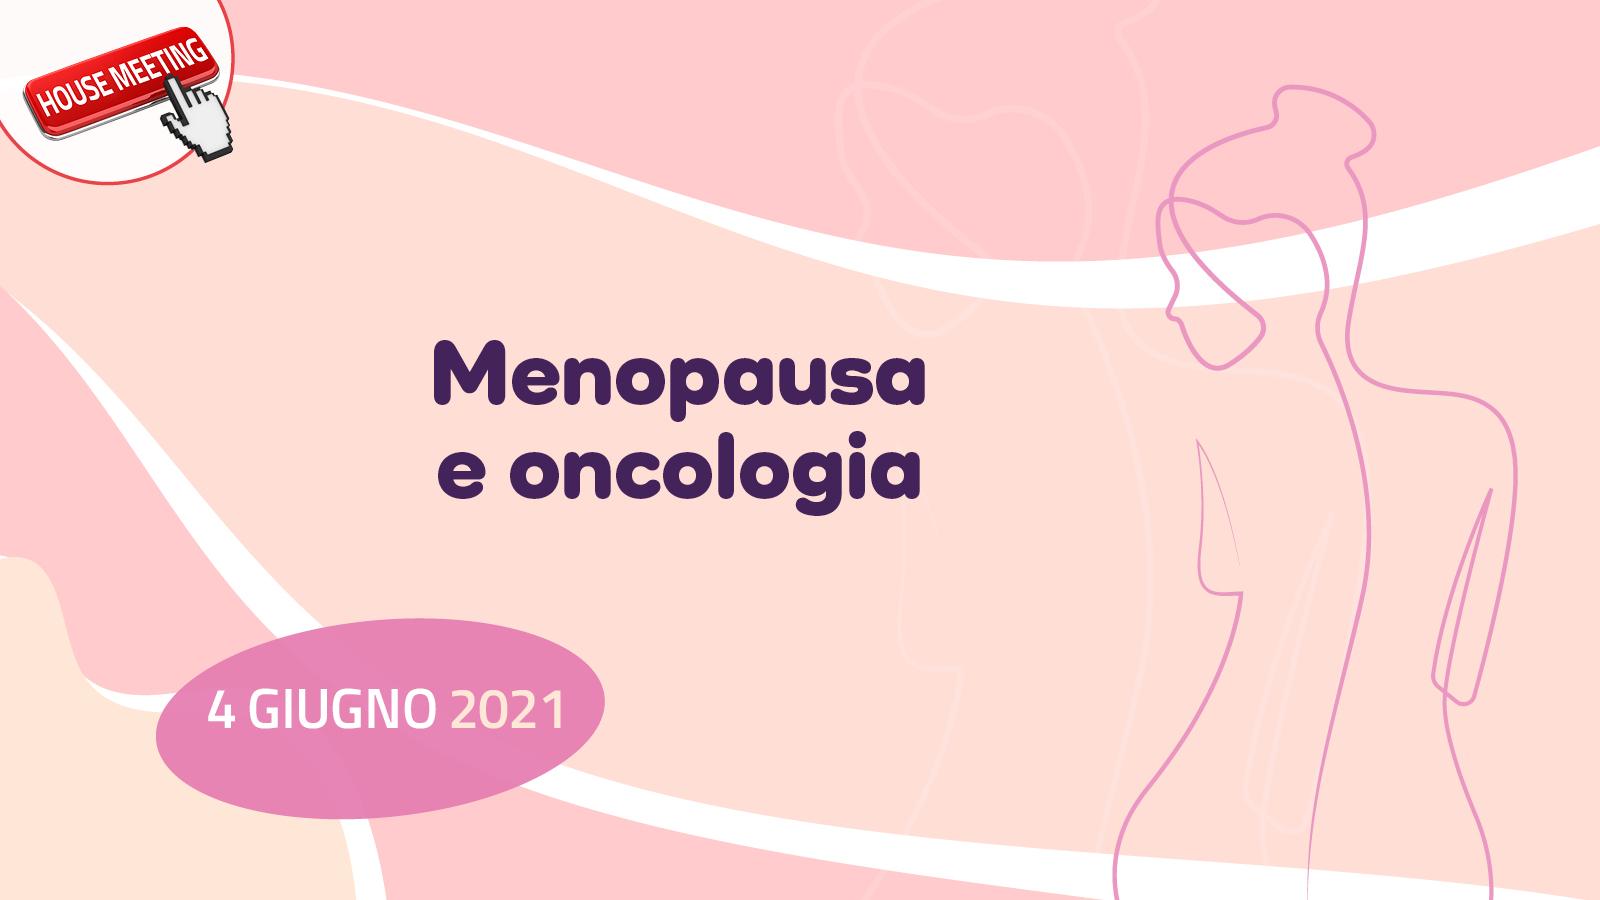 Menopausa e oncologia